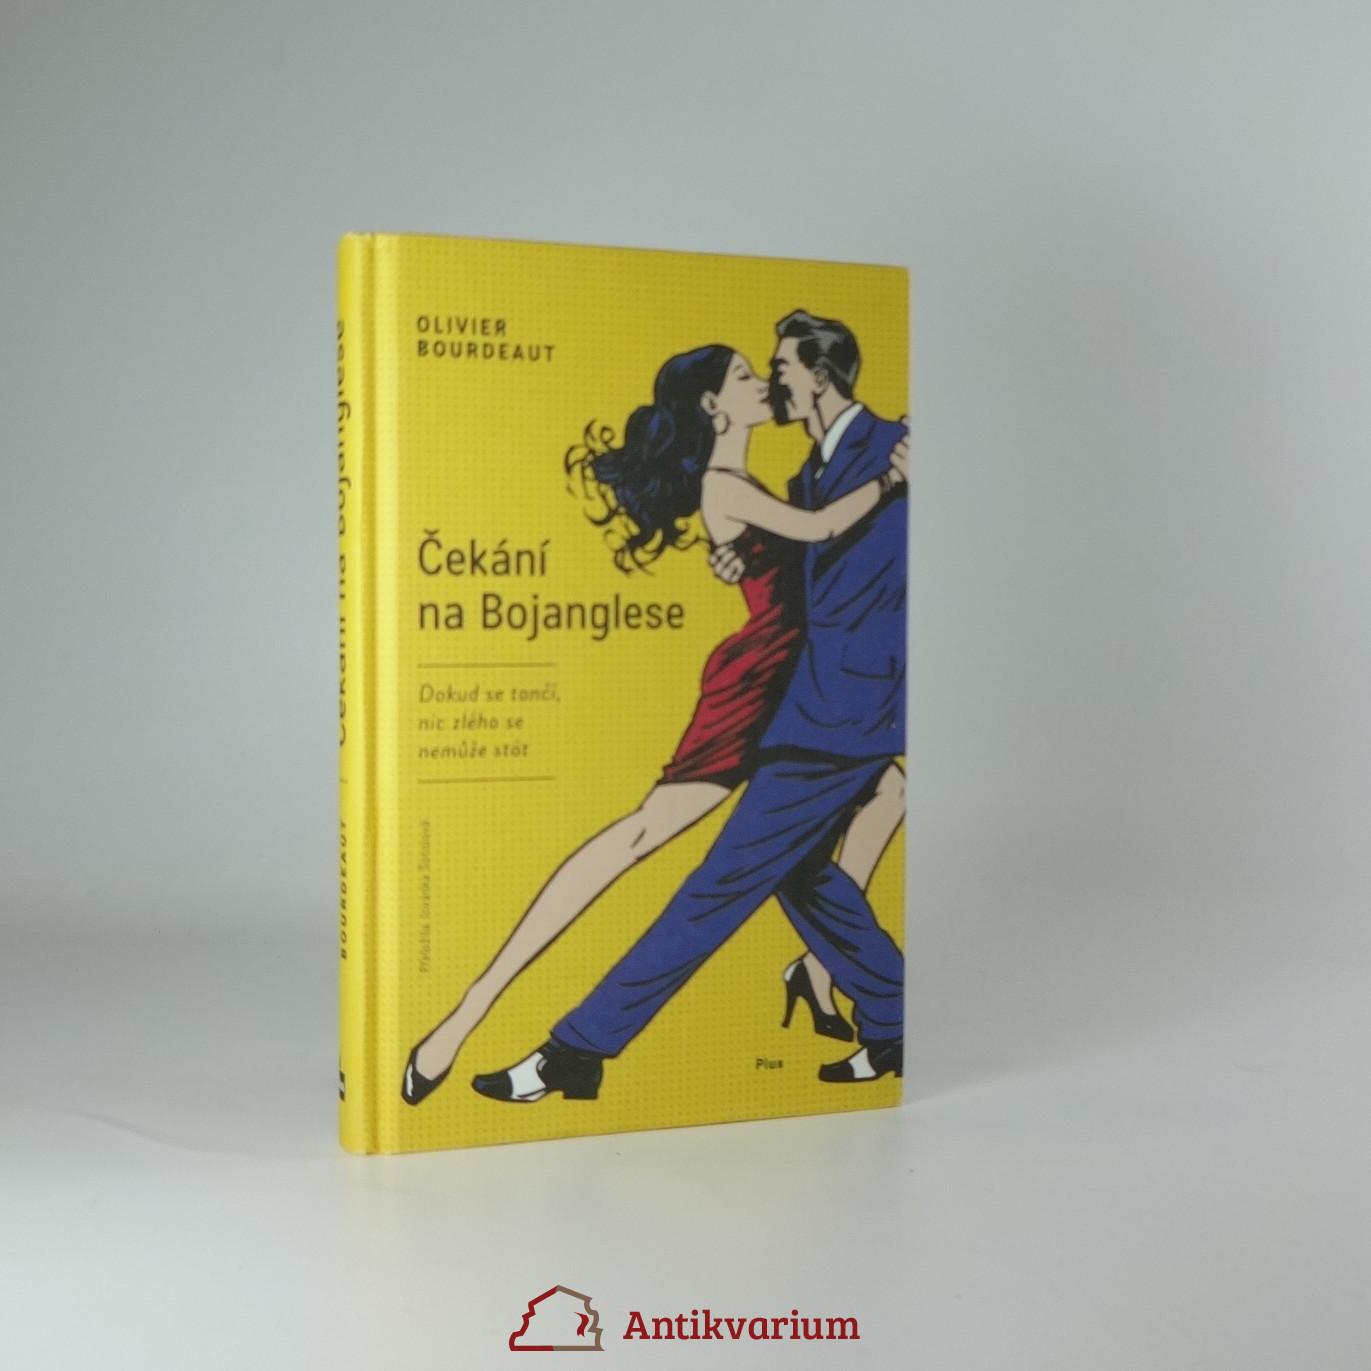 antikvární kniha Čekání na Bojanglese : dokud se tančí, nic zlého se nemůže stát, 2017